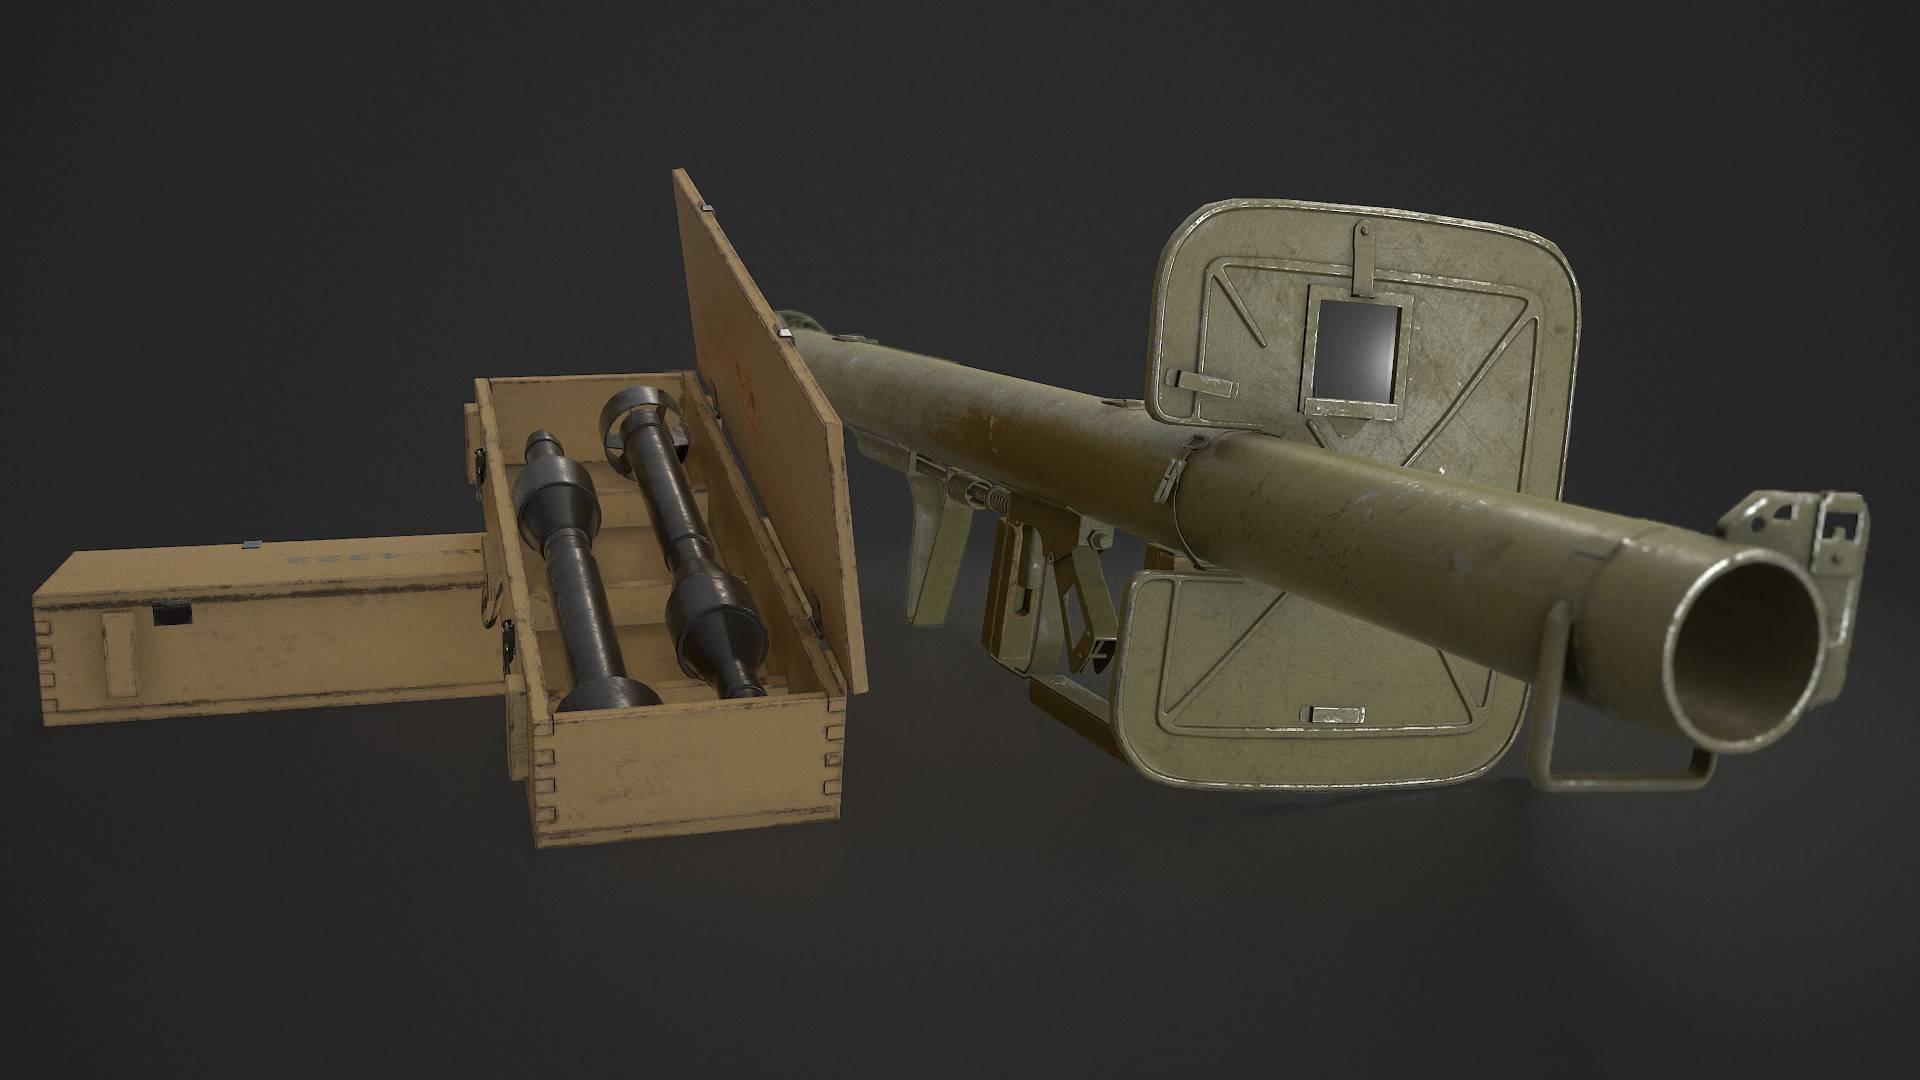 Немецкие гранатометы «Панцершрек» и «Офенрор»: история создания, описание и характеристики